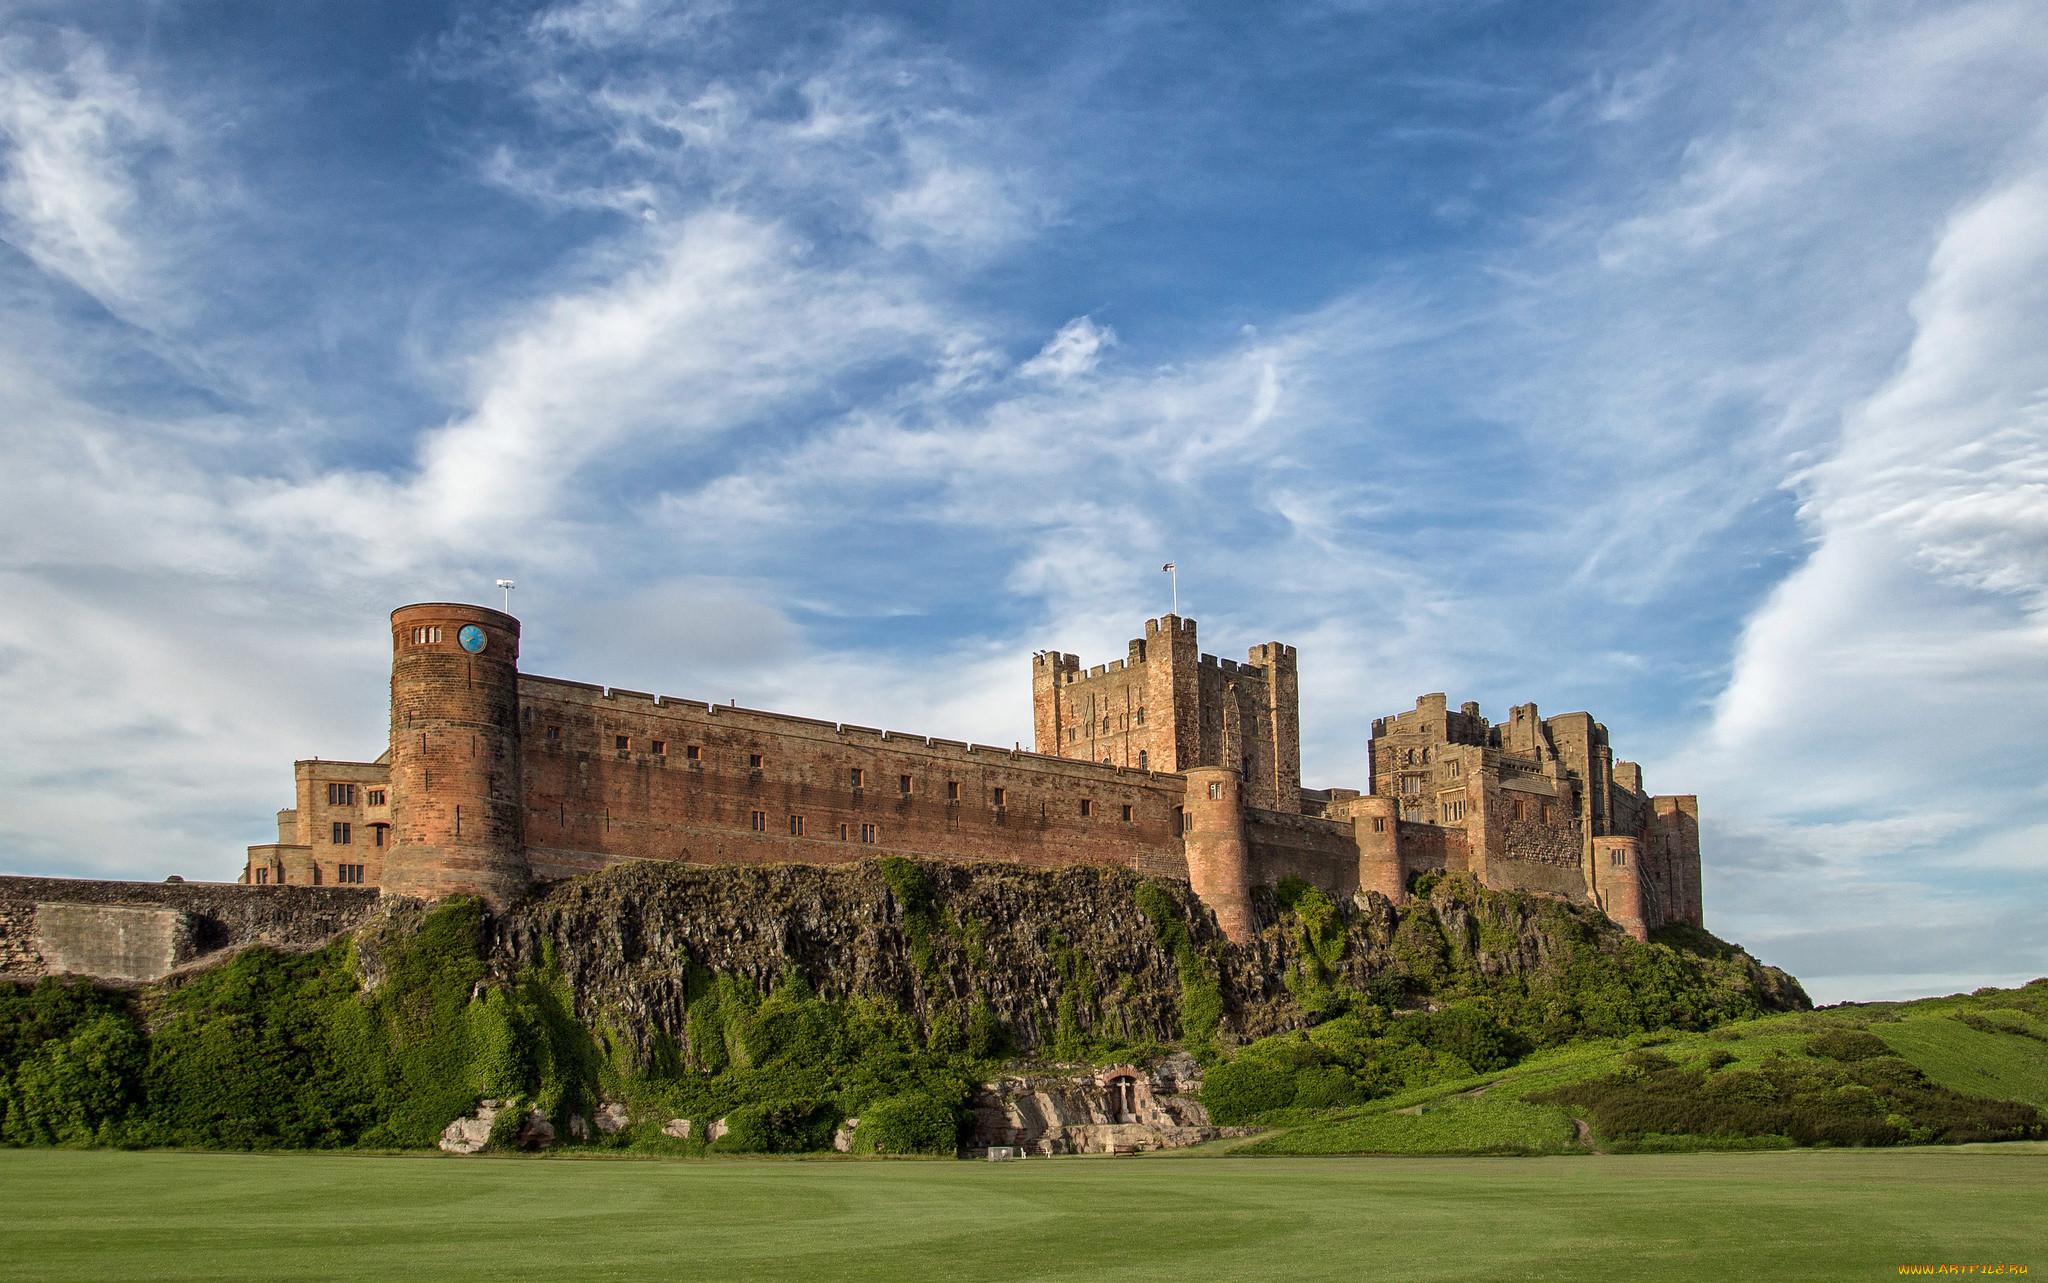 искусством, замки англии и шотландии фото с названиями представлены емкости